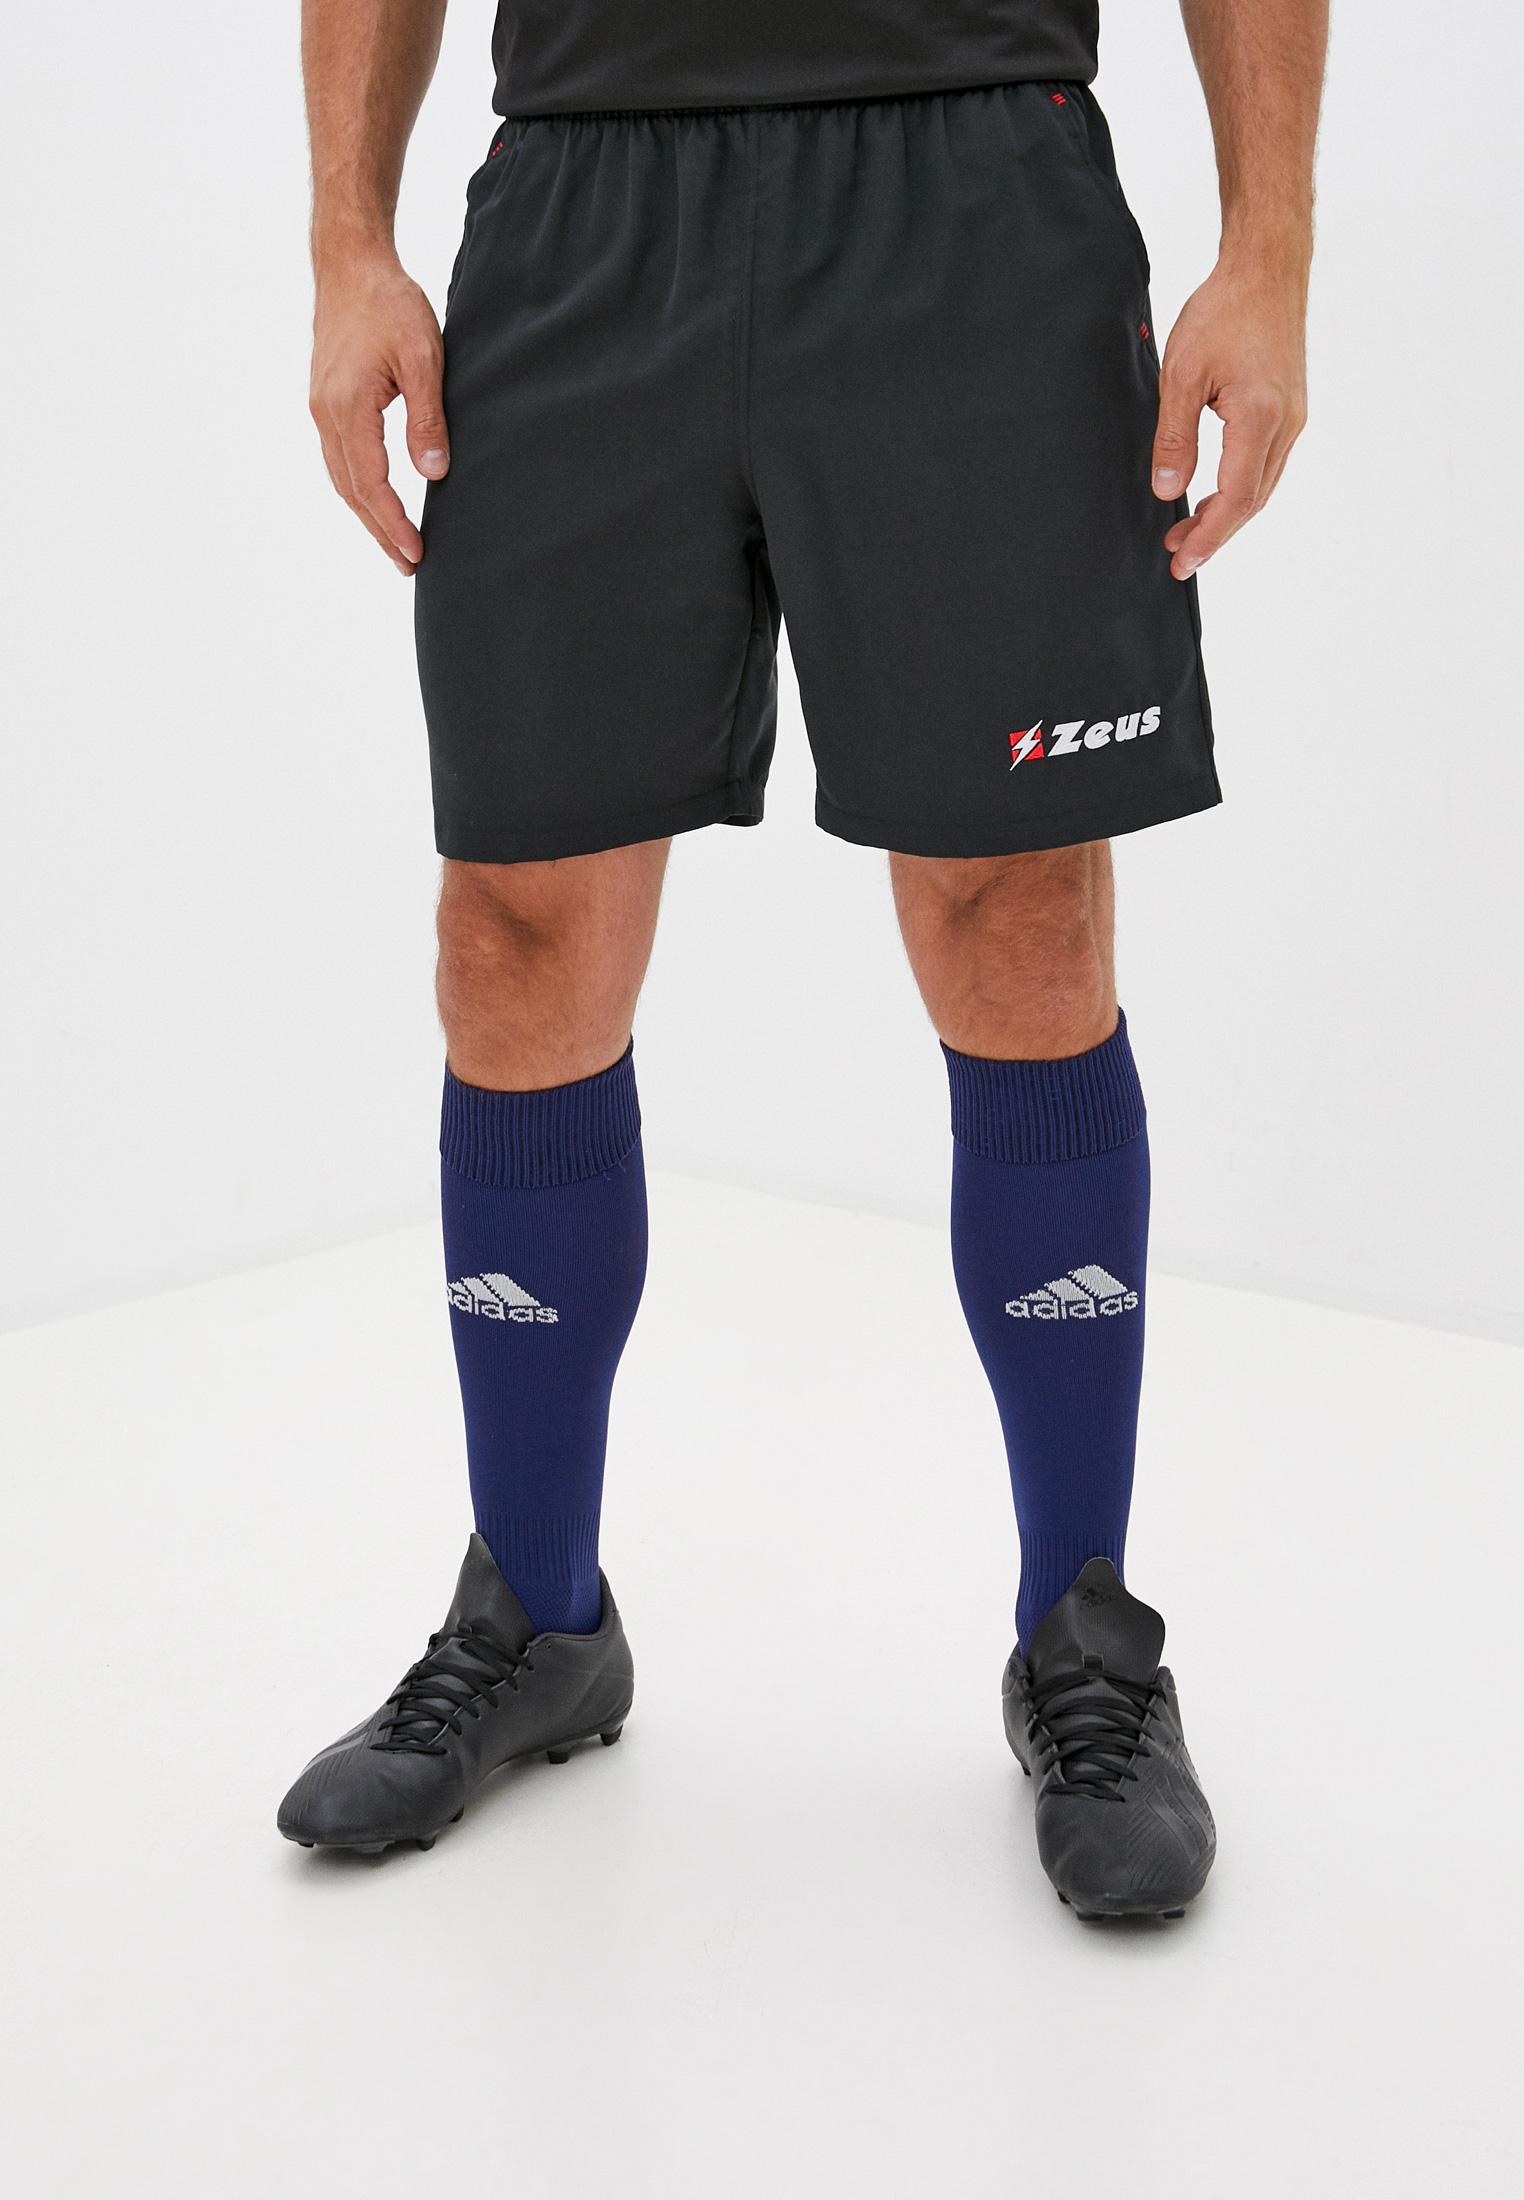 Мужские спортивные шорты Zeus 530420